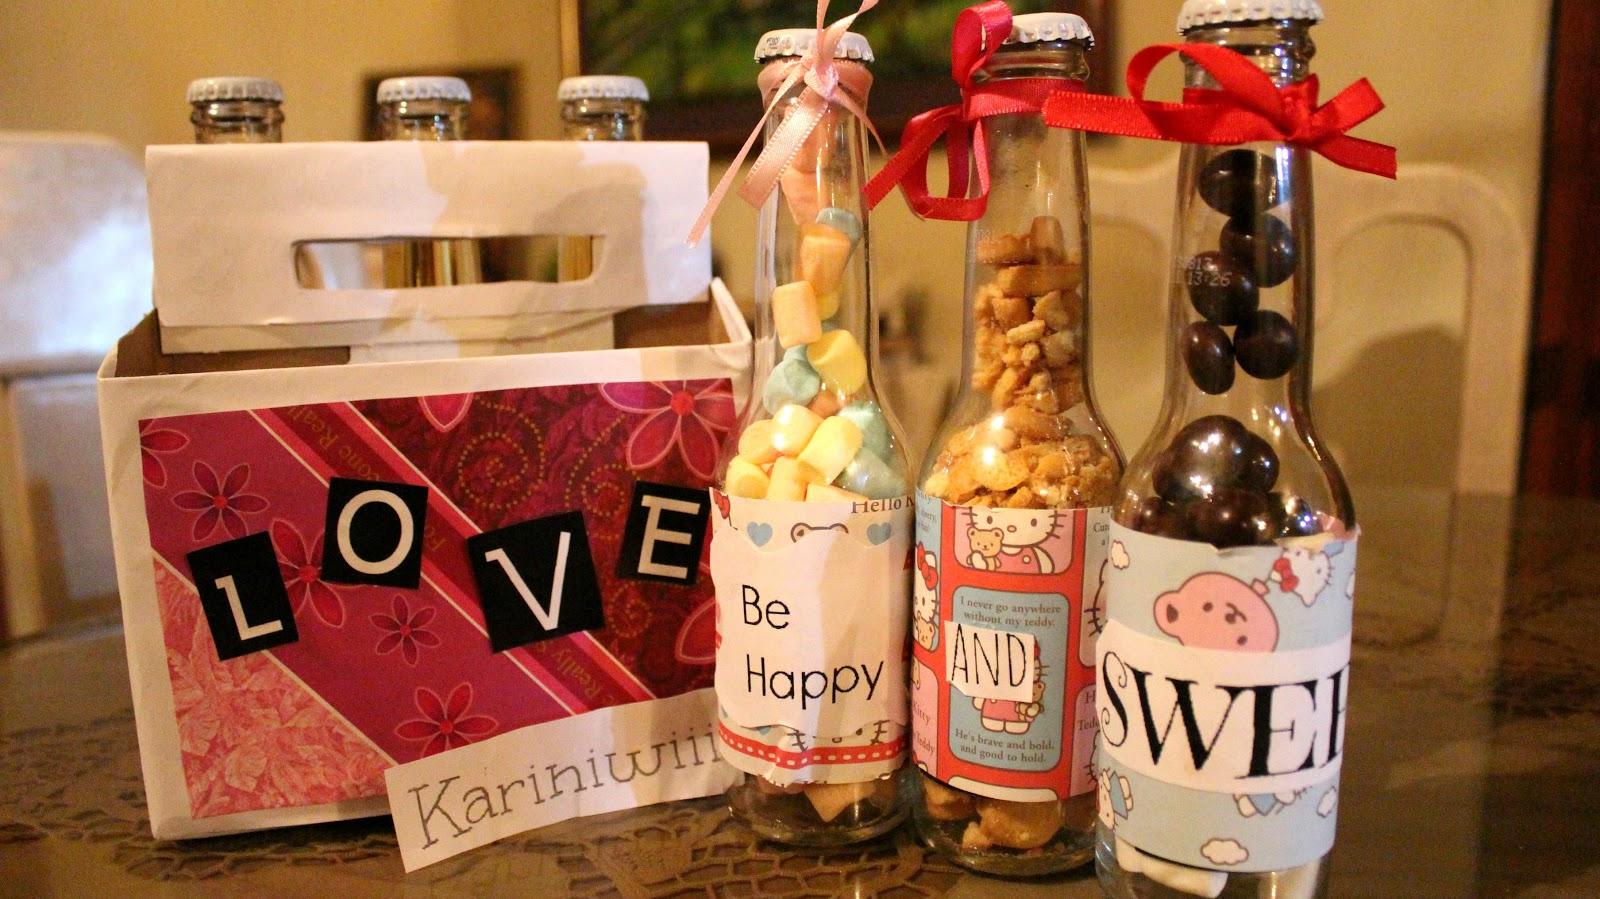 Caja La Dia Y 14 Arreglos Del De El Amistad Febrero De Para Amor 14 Madera De En Febrero